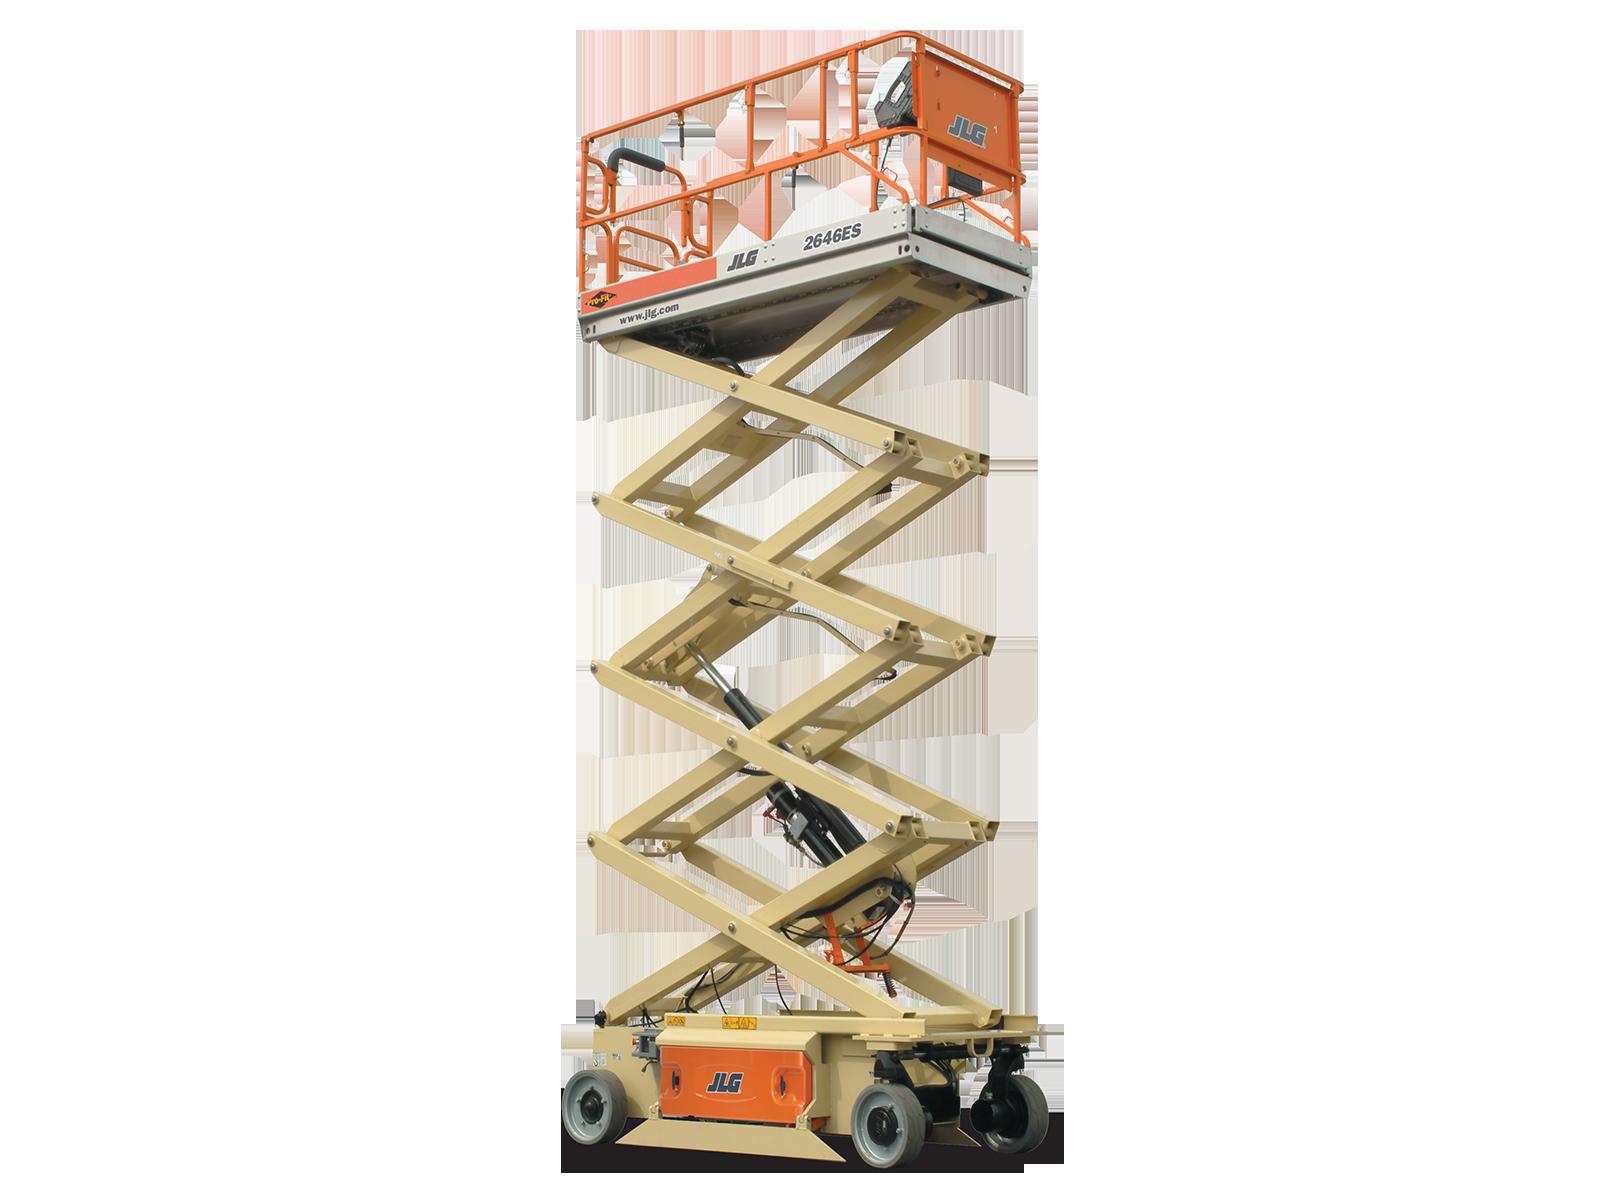 JLG electric sciccor lift 2646ES  1/32